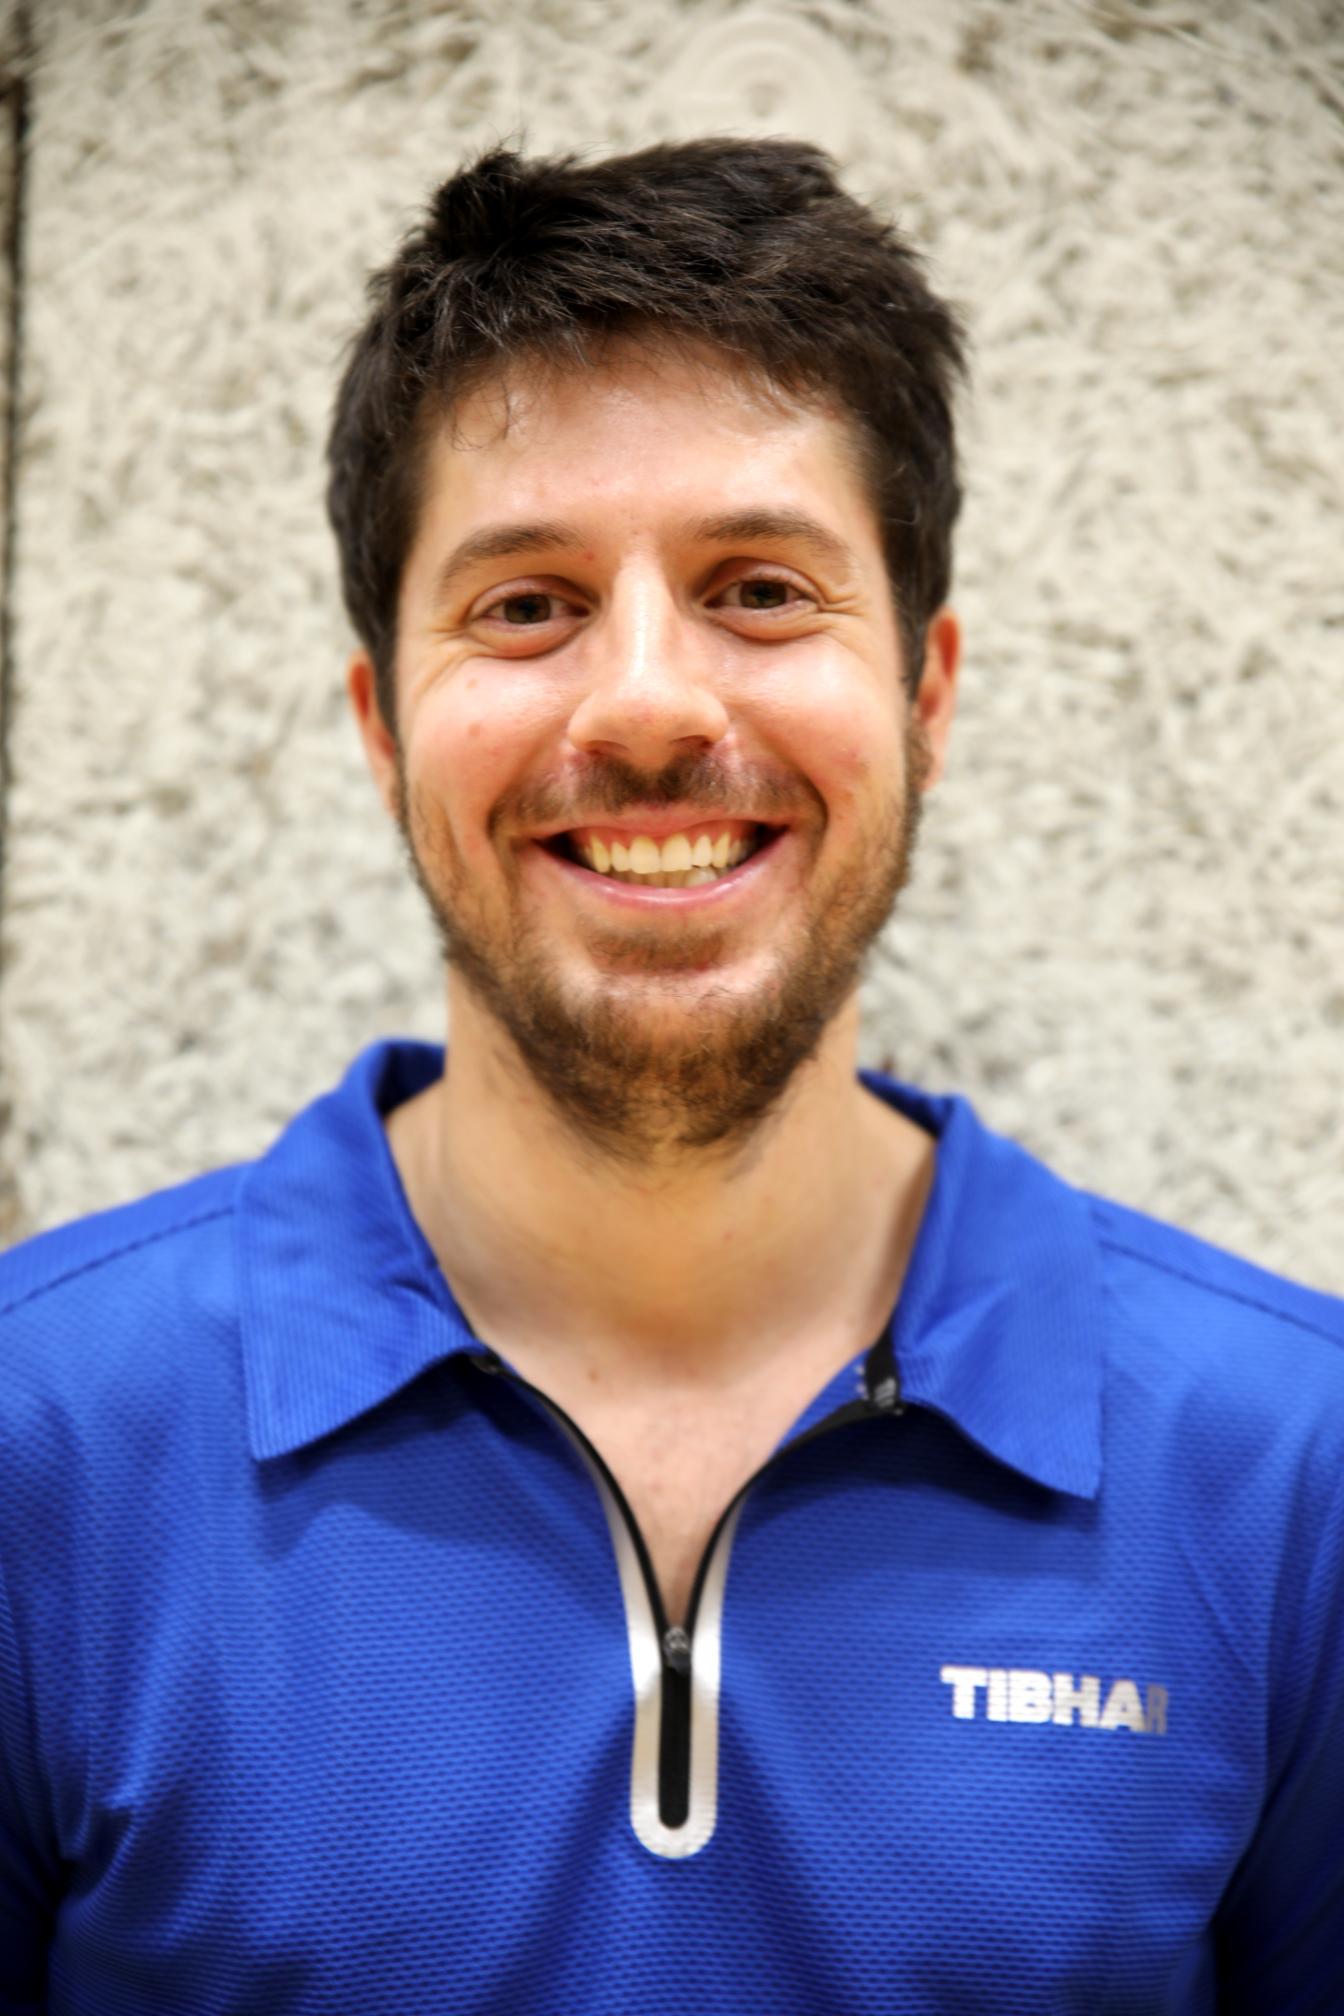 Damien Provost